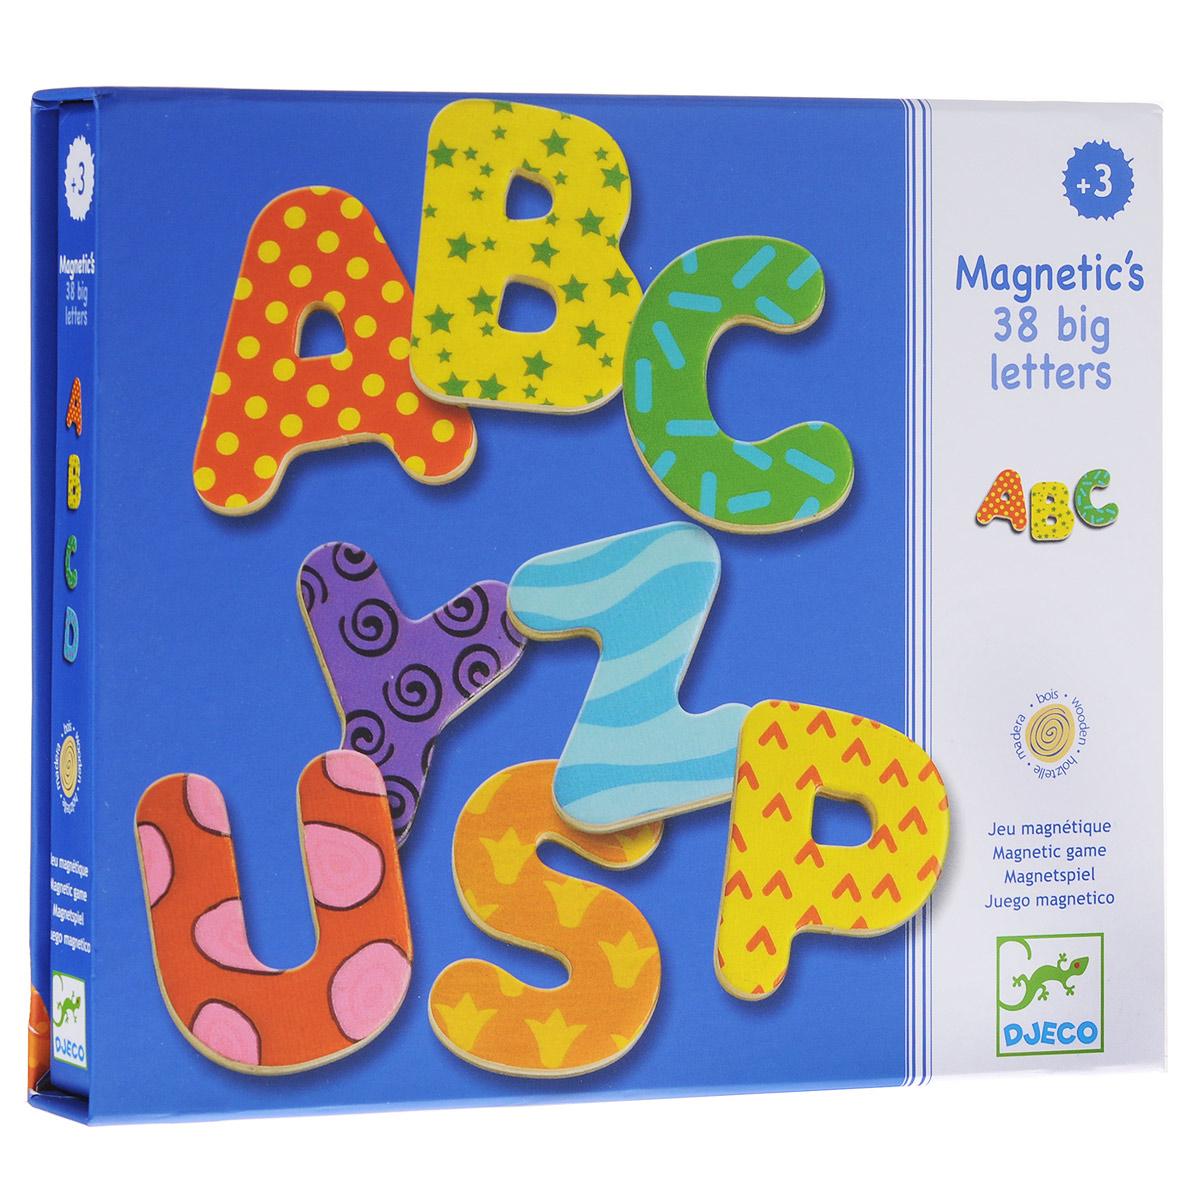 цена на Игровой набор Djeco Магнитные буквы, 38 шт